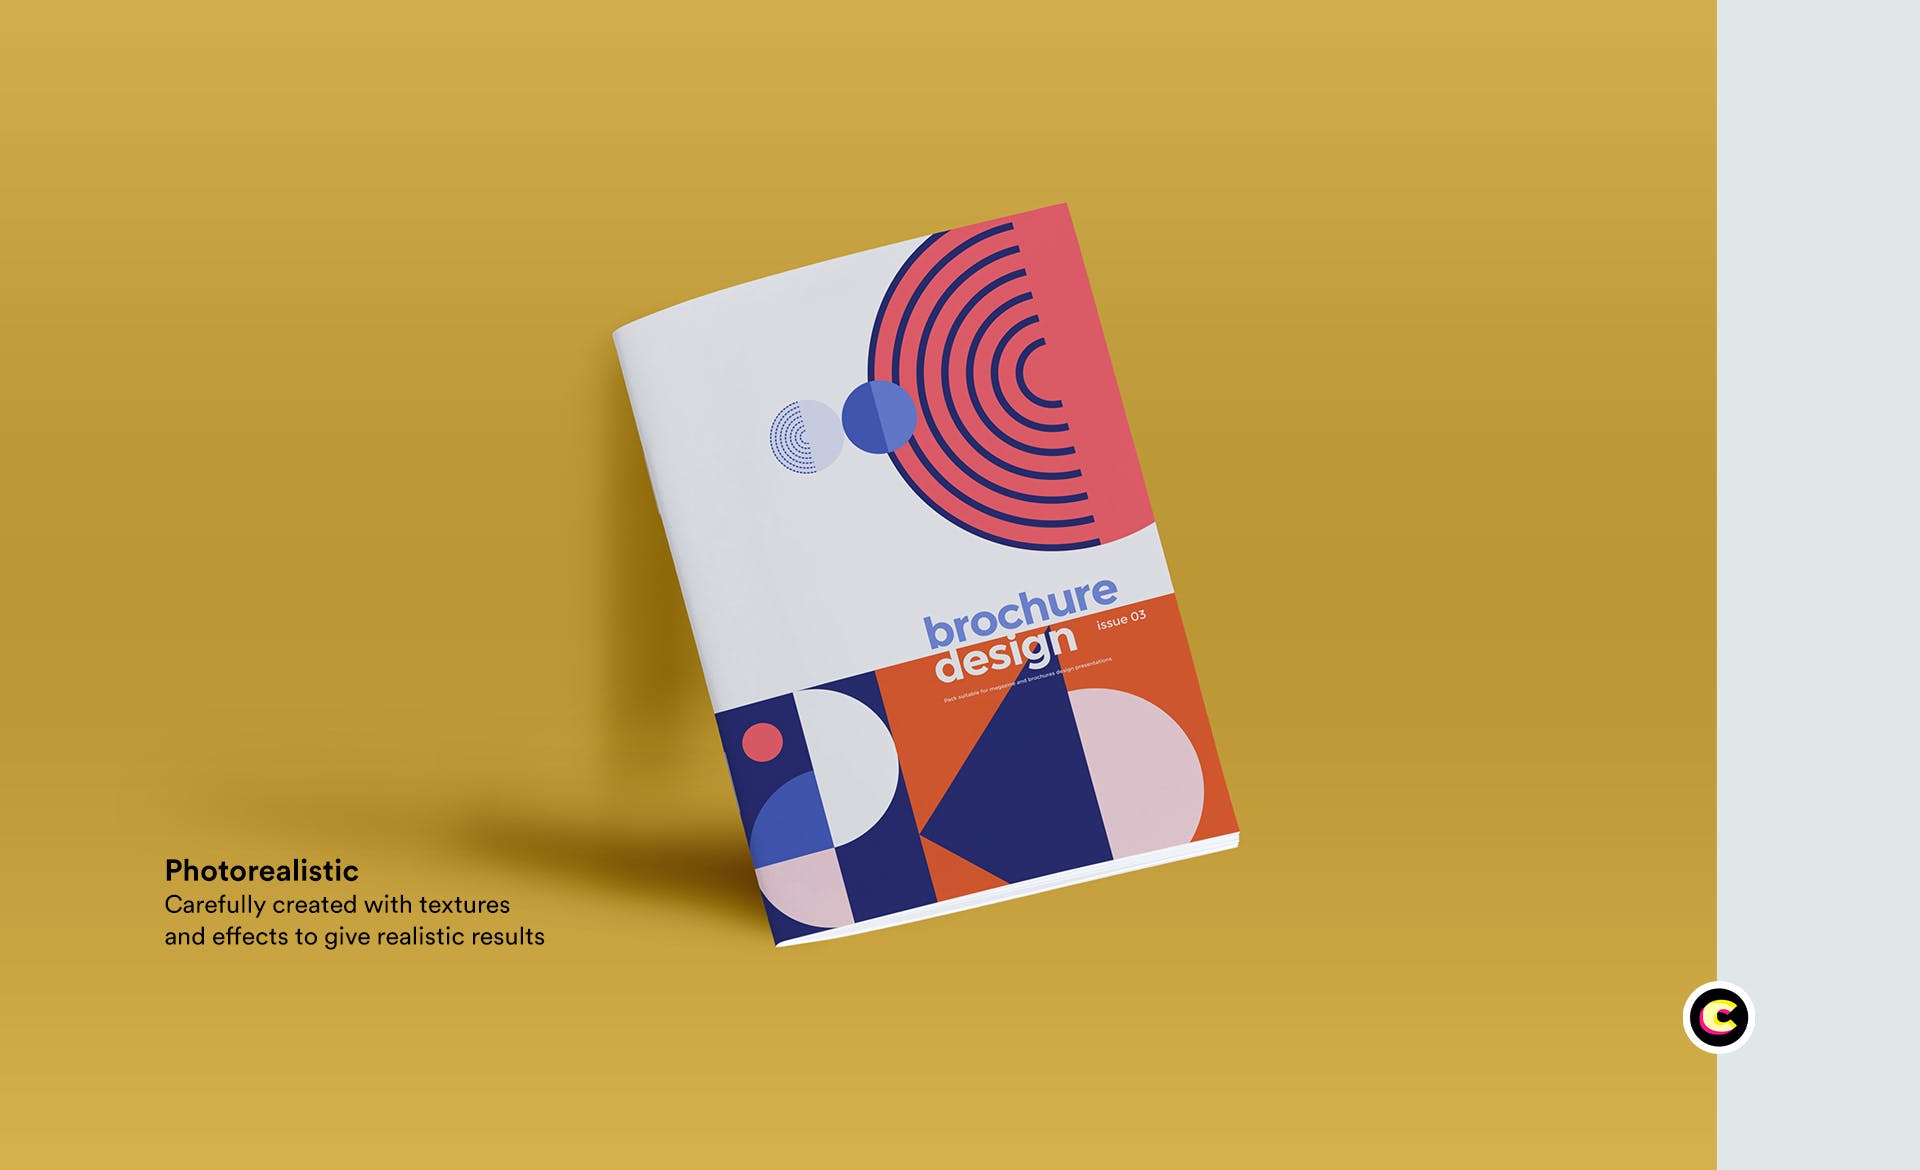 时尚的几何约画册样机素材下载brochure-mockup-A7U98G8